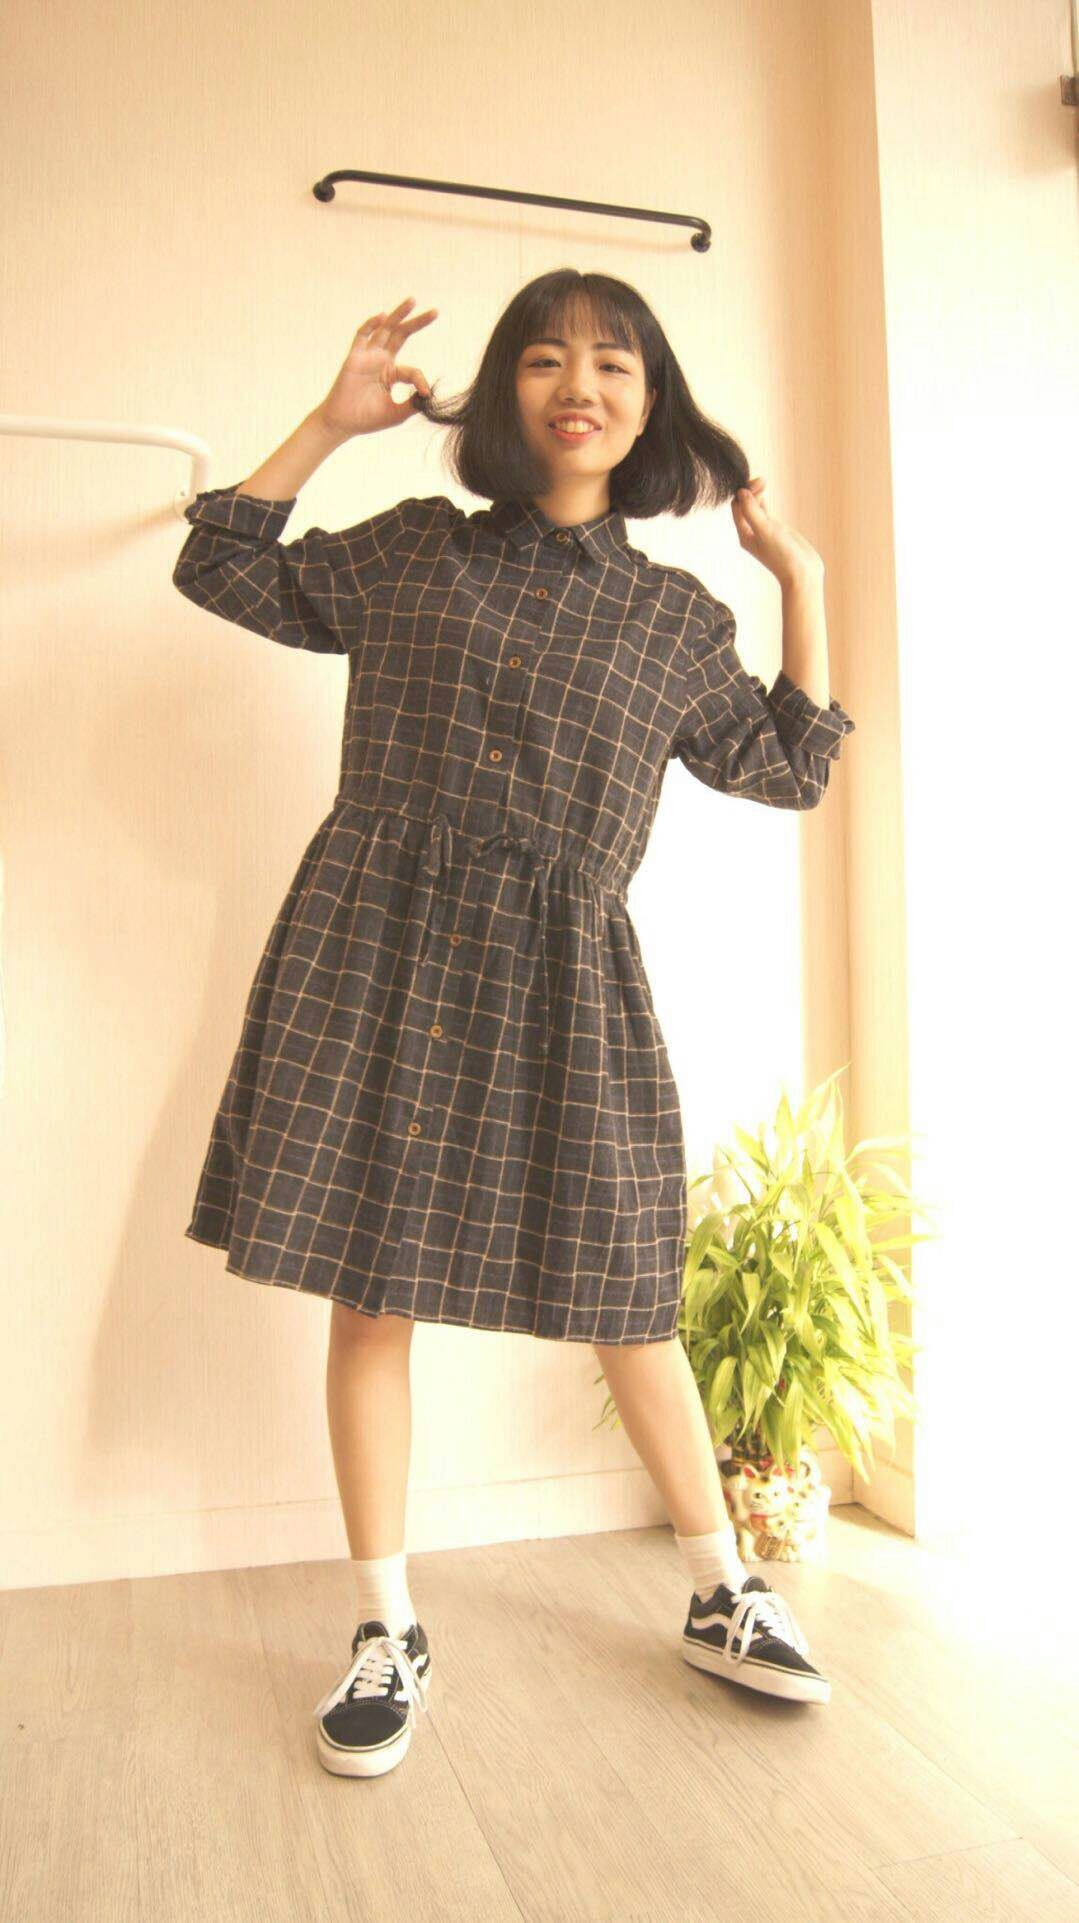 新款秋装韩版学生宽松格子长袖连衣裙显瘦秋冬必备服装